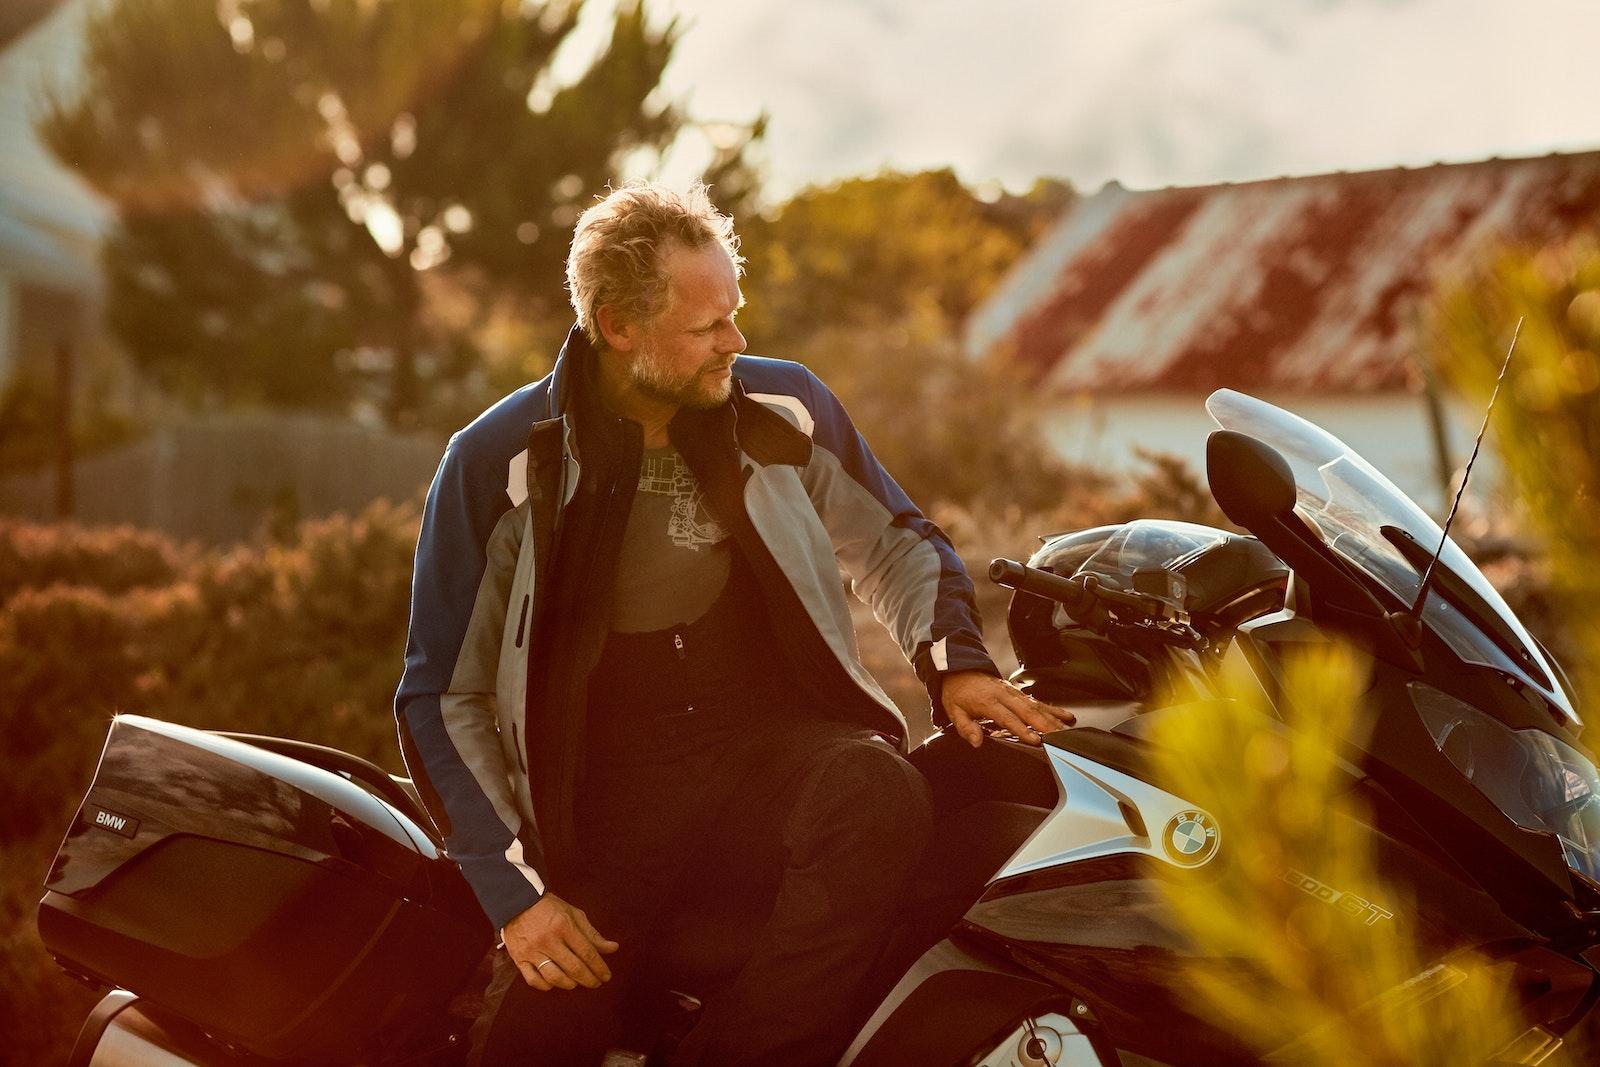 Ook 's zomers comfortabel én beschermd op de motorfiets